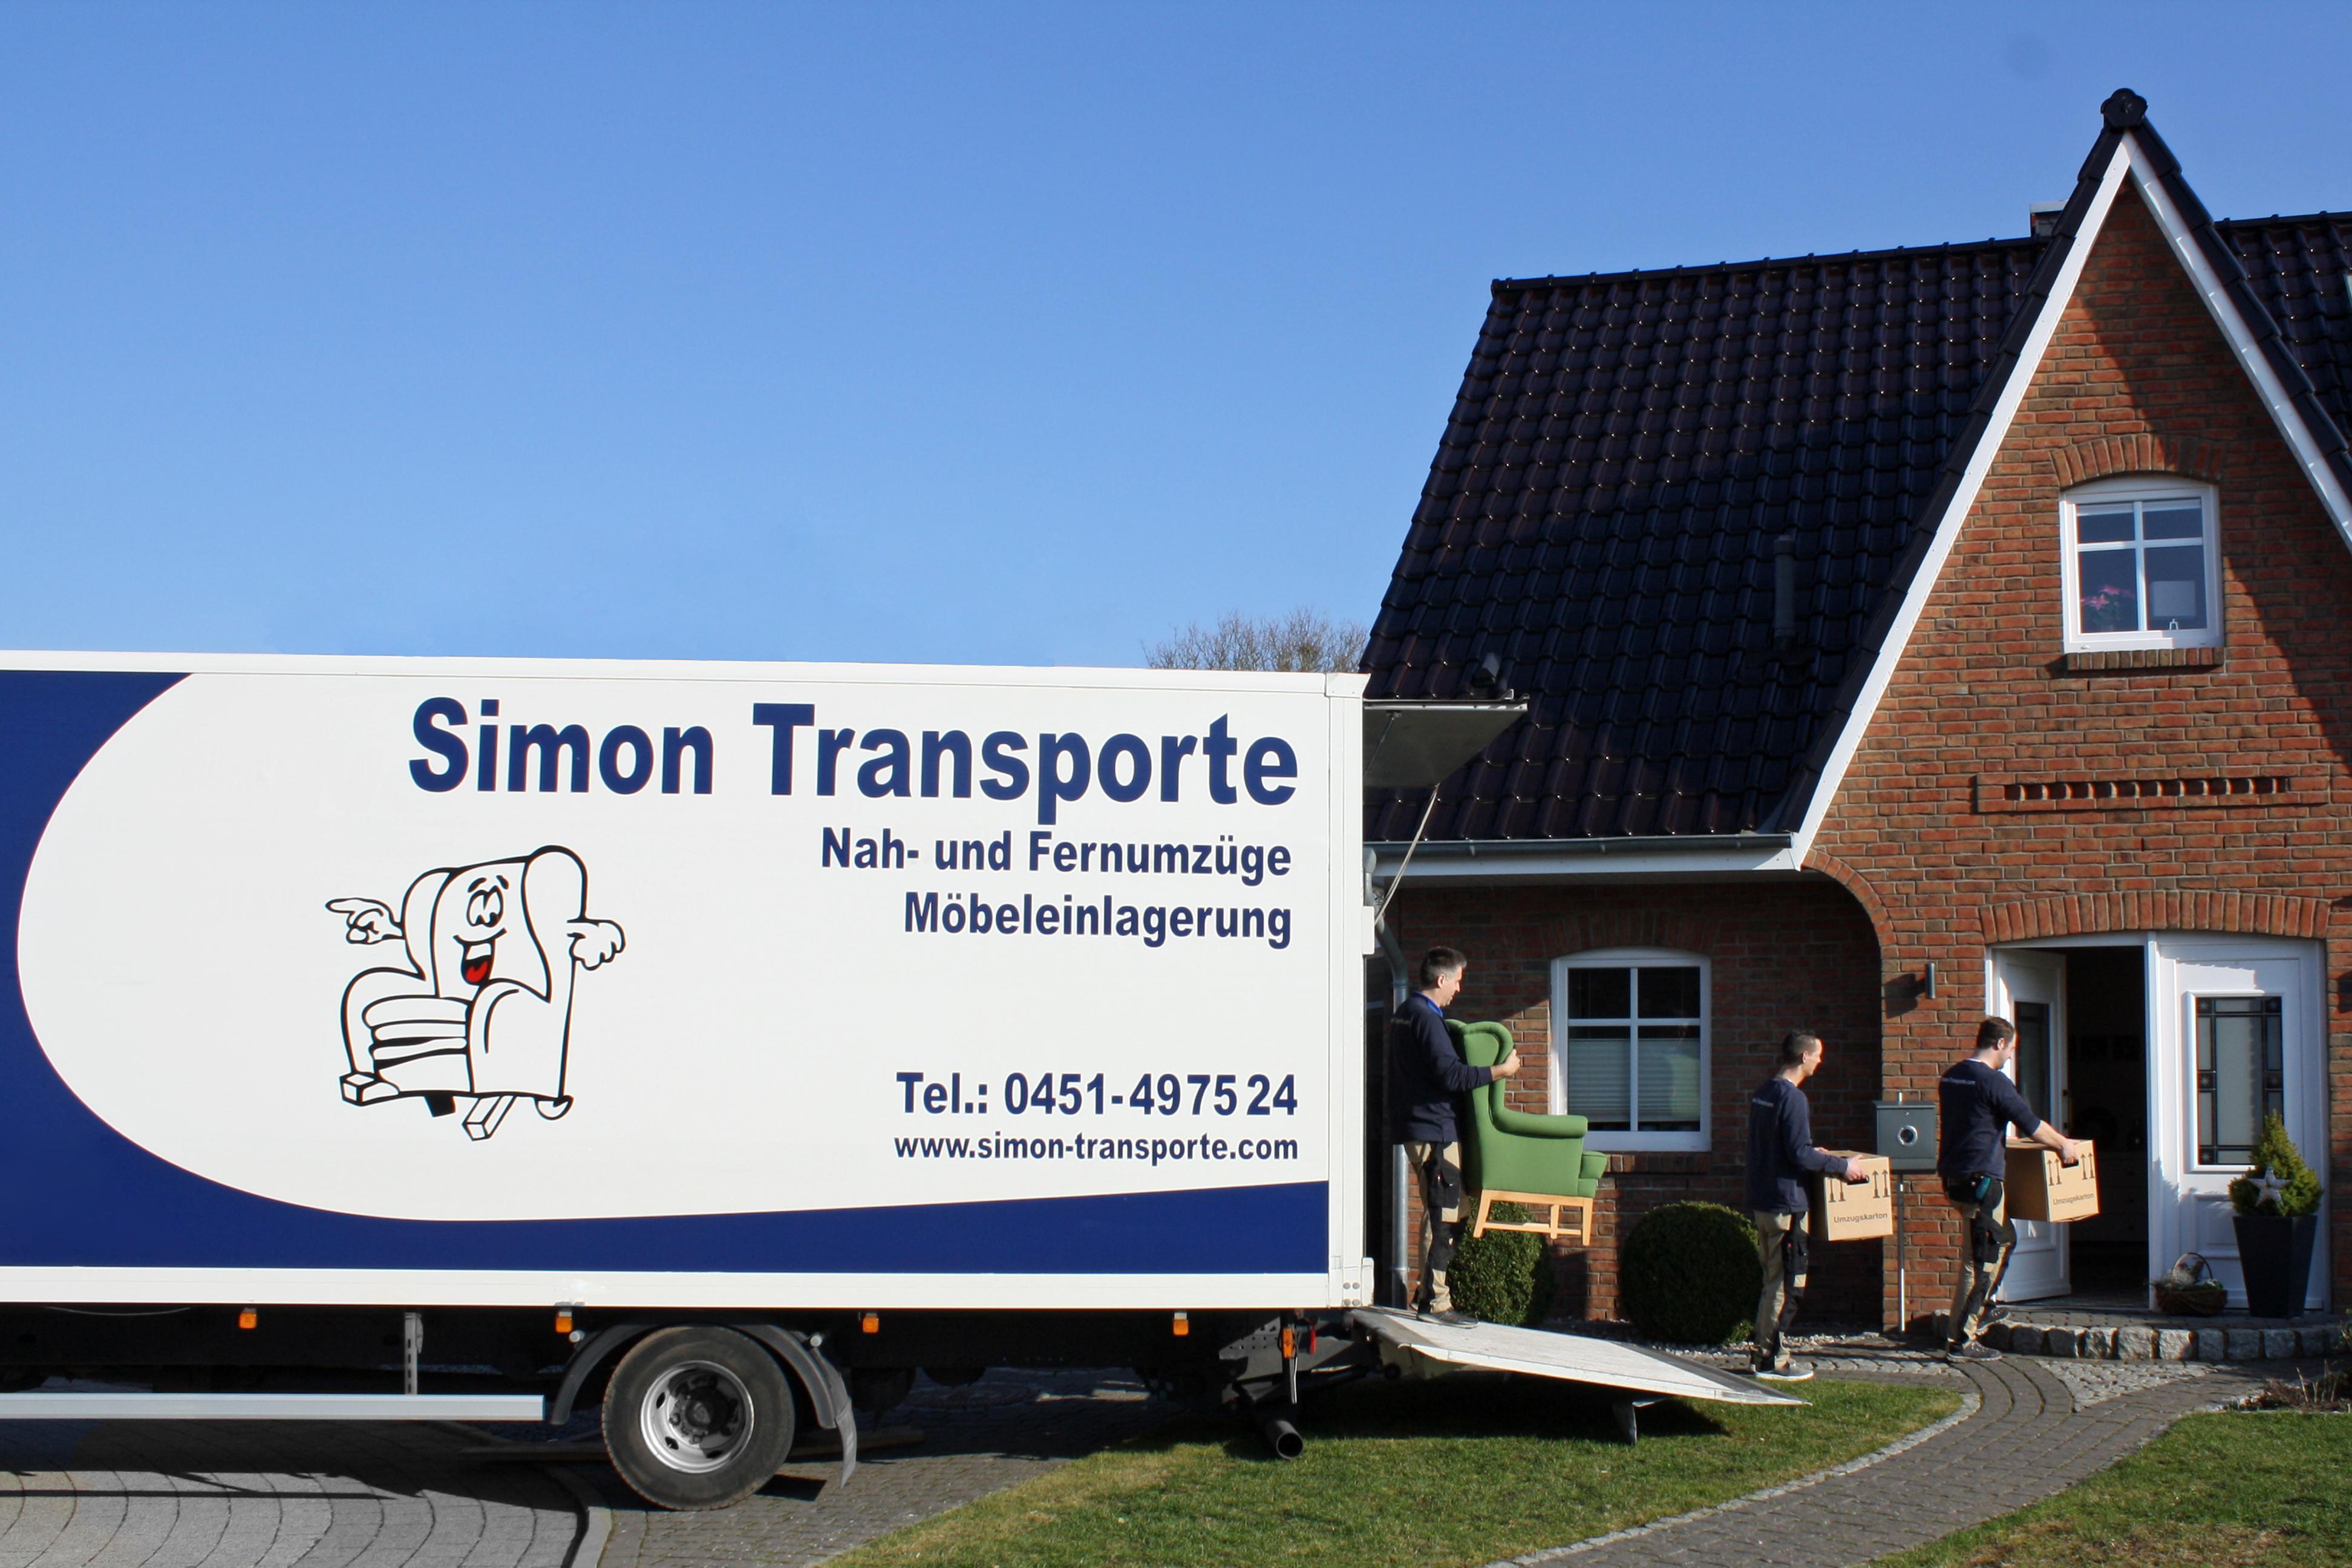 Simon-Transporte.com bei der Arbeit